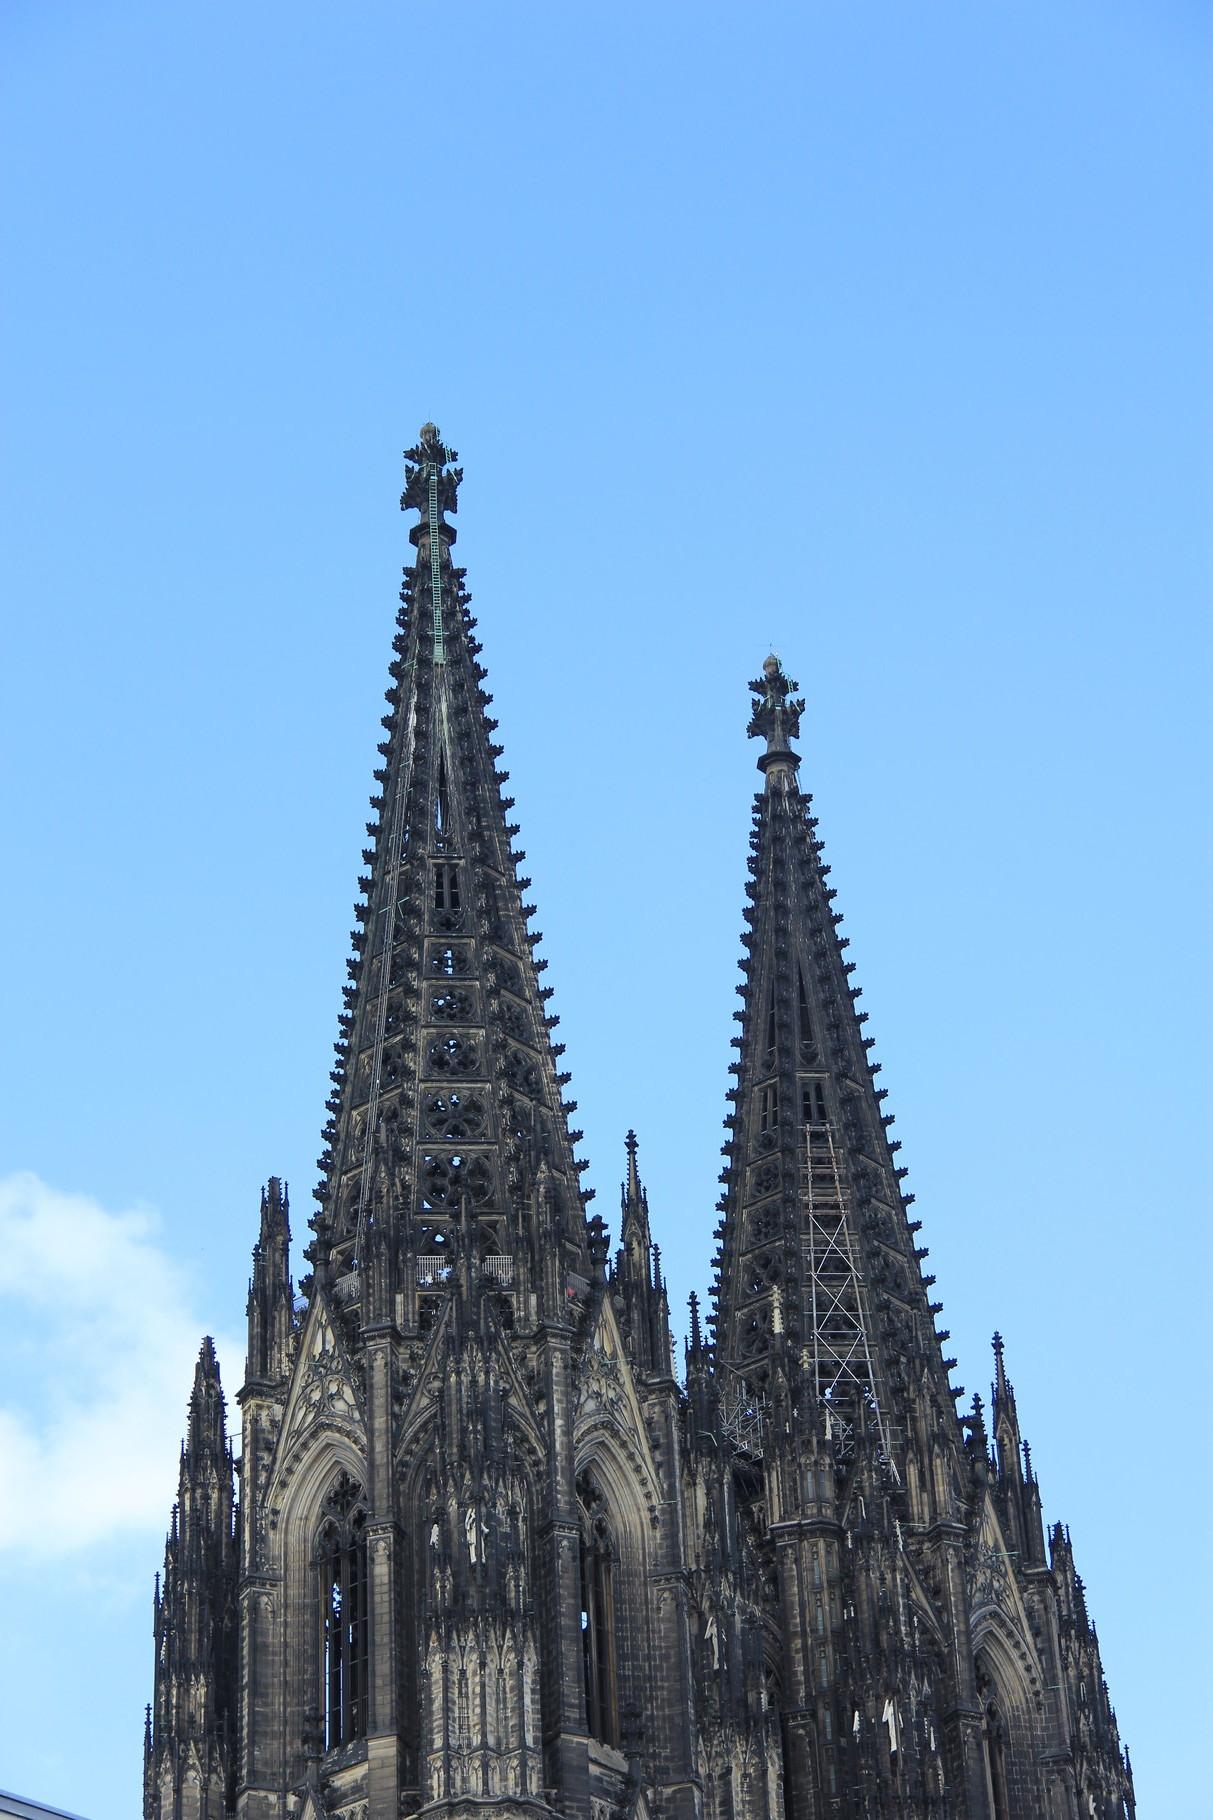 Domführung - Die Domtürme aus Südost mit Aussichtsplattform auf 98m-Höhe (im Turm rechts)